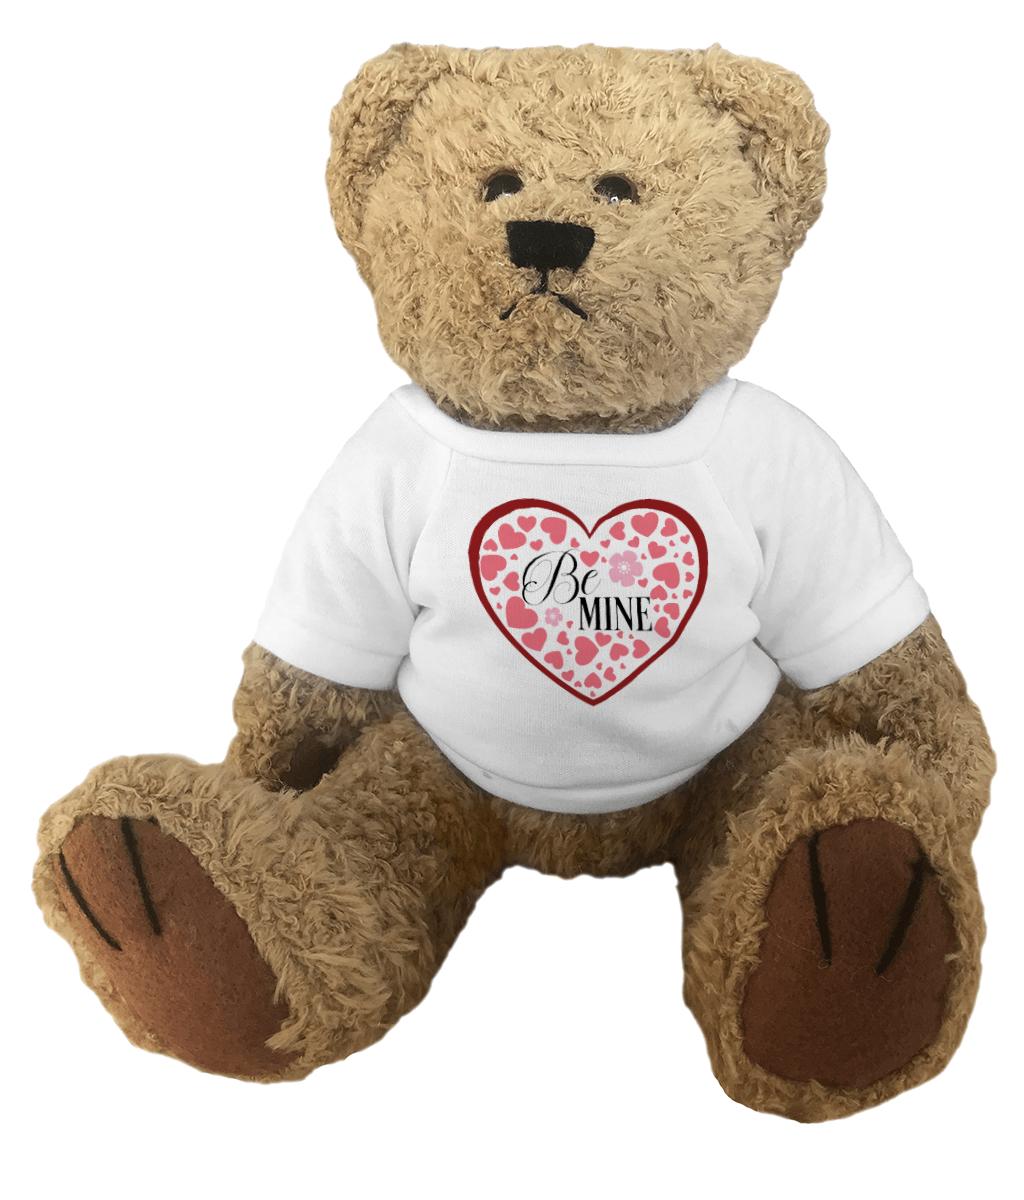 Be Mine Heart Teddy Bear